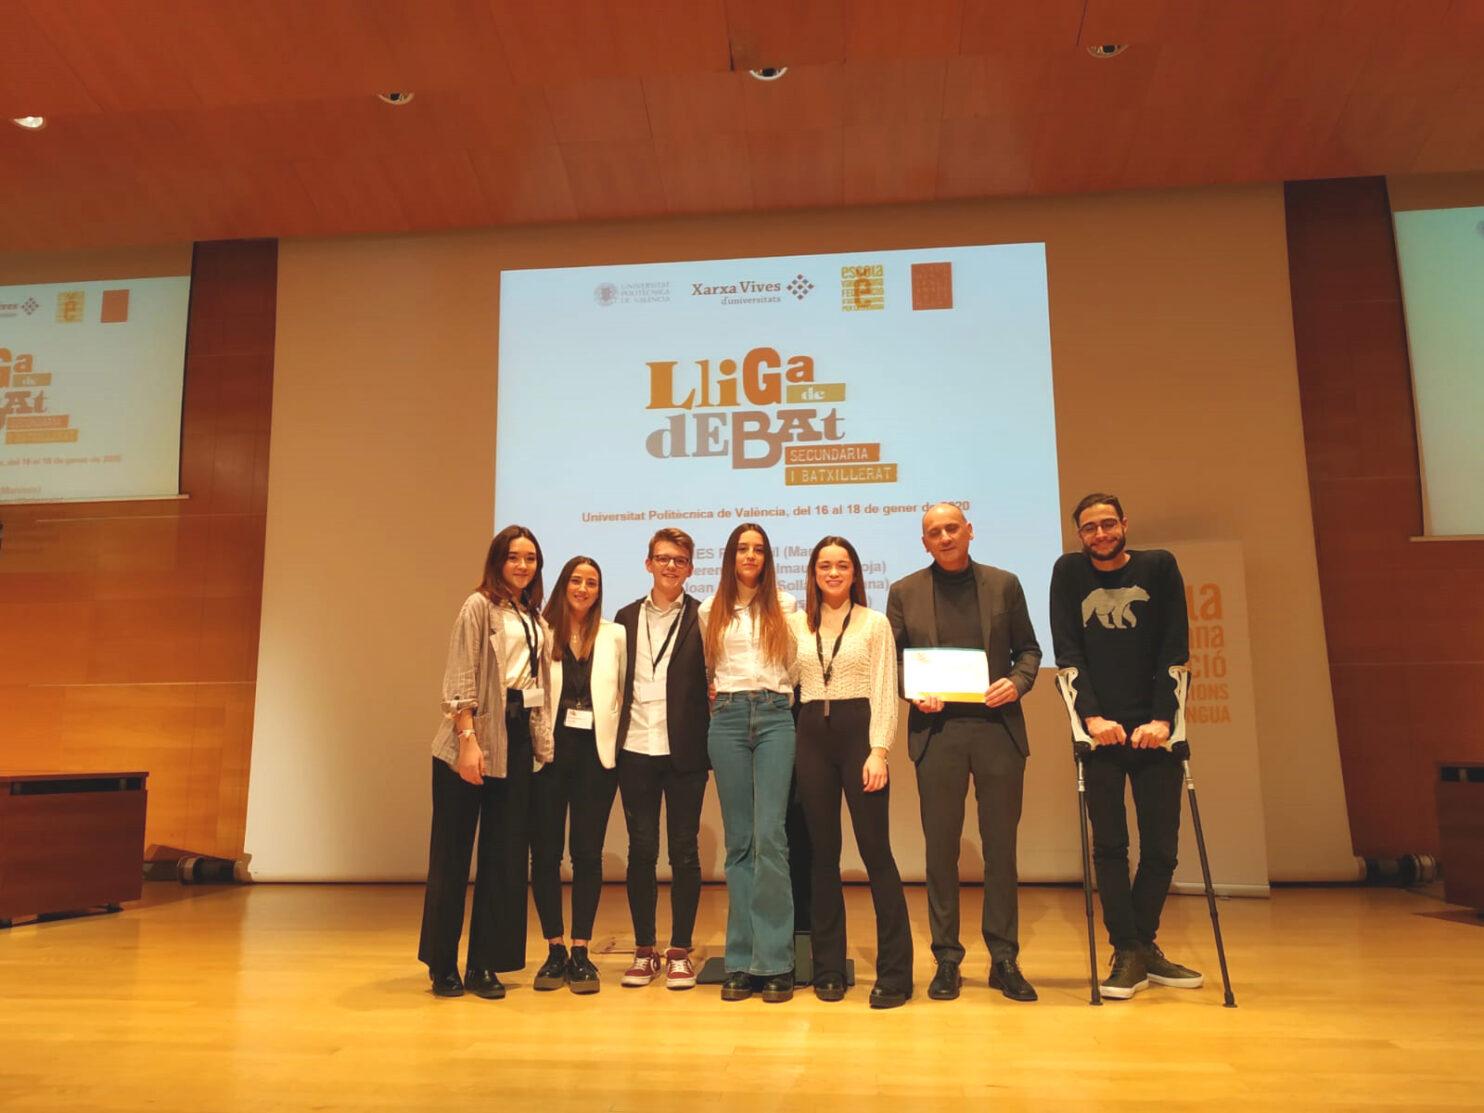 Equip campió fase local UPV. Lliga de Debat de Secundària i Batxillerat